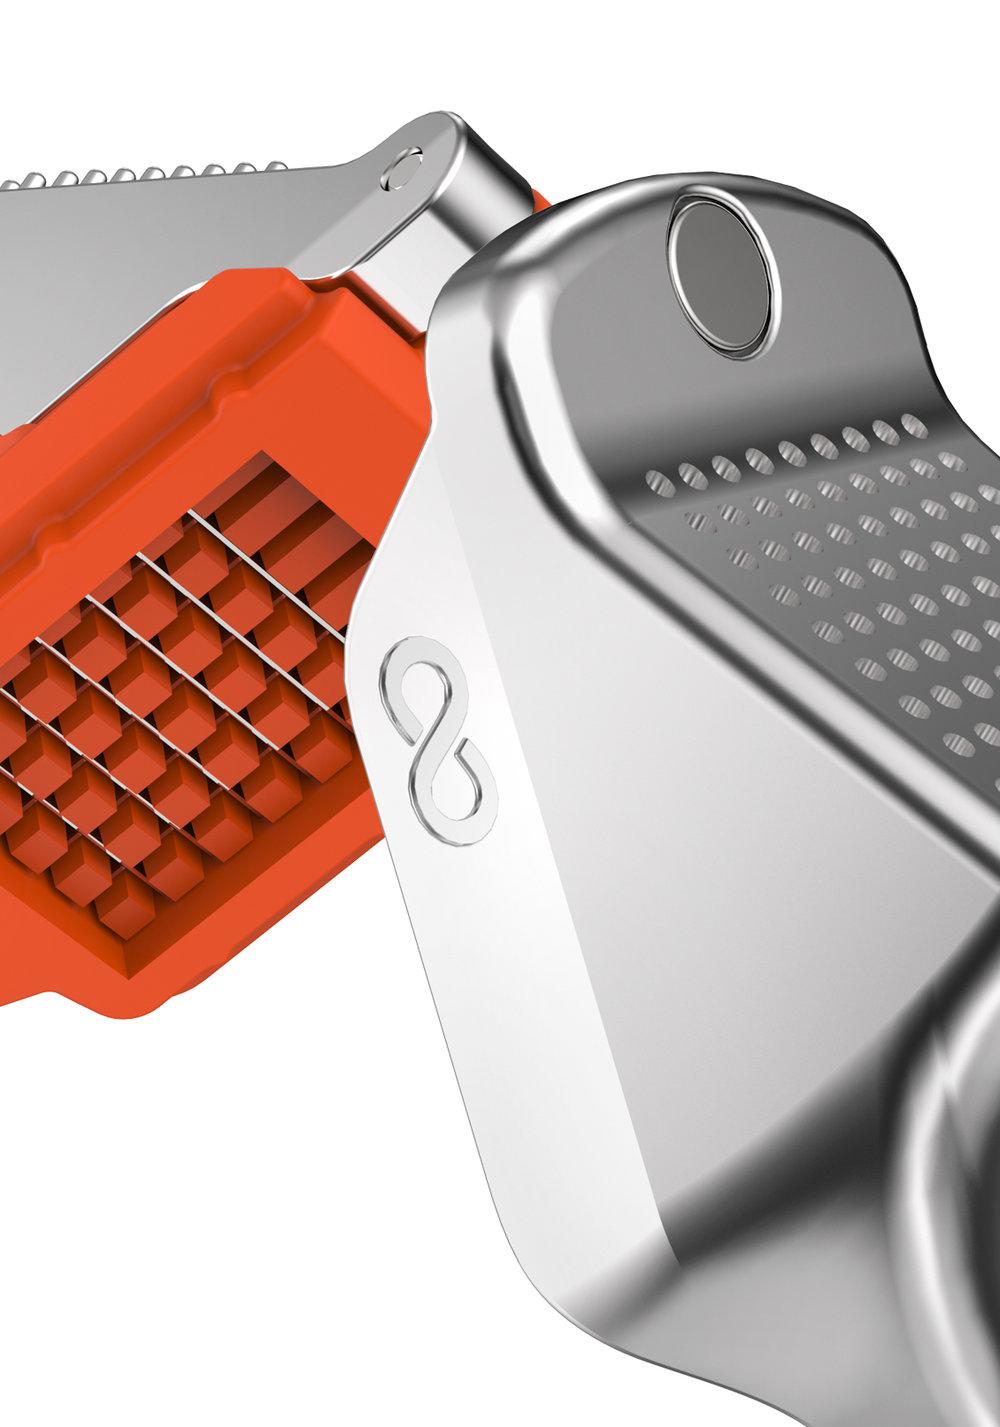 matériaux de qualité - Des matériaux haut de gamme comme le zinc alloy et l'ABS ont été utilisés afin de vous garantir une longévité du produit. La finition chrome plating confère à l'ustensile une finition parfaite.